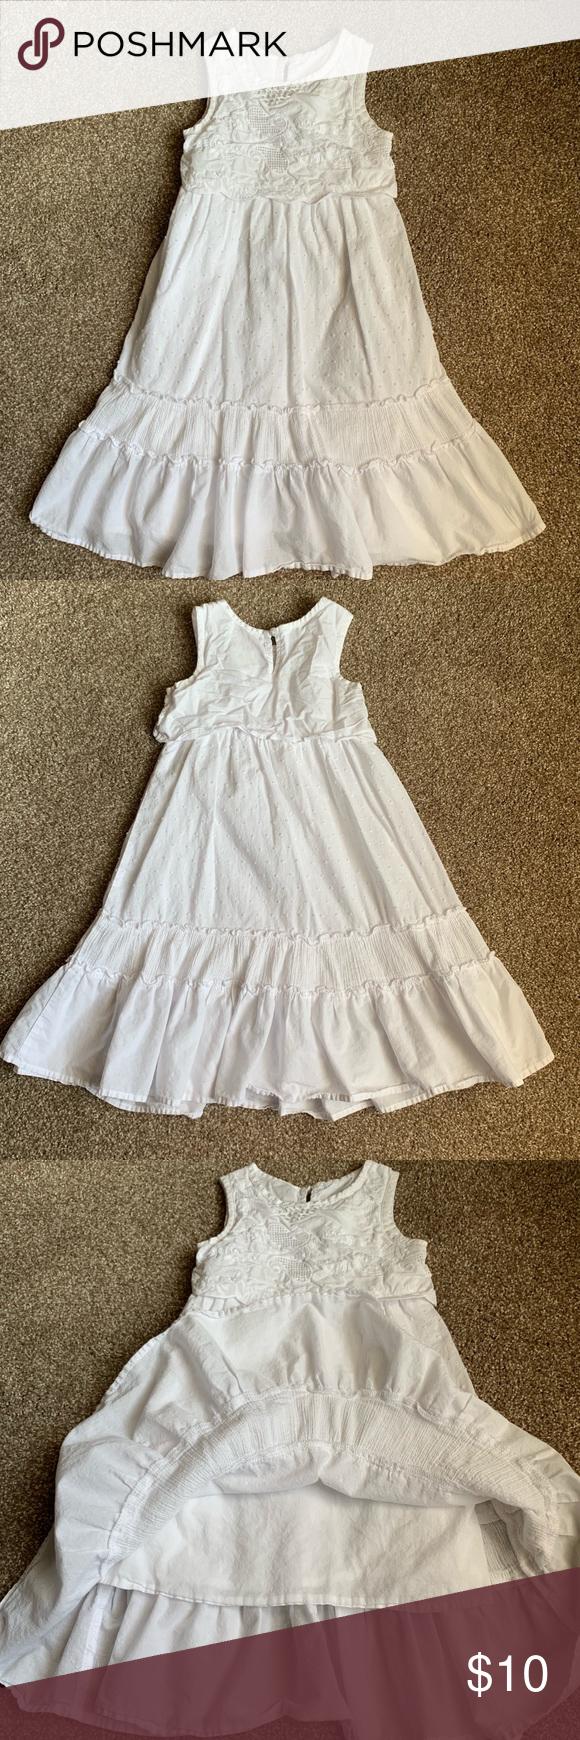 Toddler Girl S 2t Cherokee Long White Dress Toddler Girl S 2t Cherokee Long White Dress Has Lining Inside Dress Long White Dress Toddler Girl Dresses Dresses [ 1740 x 580 Pixel ]